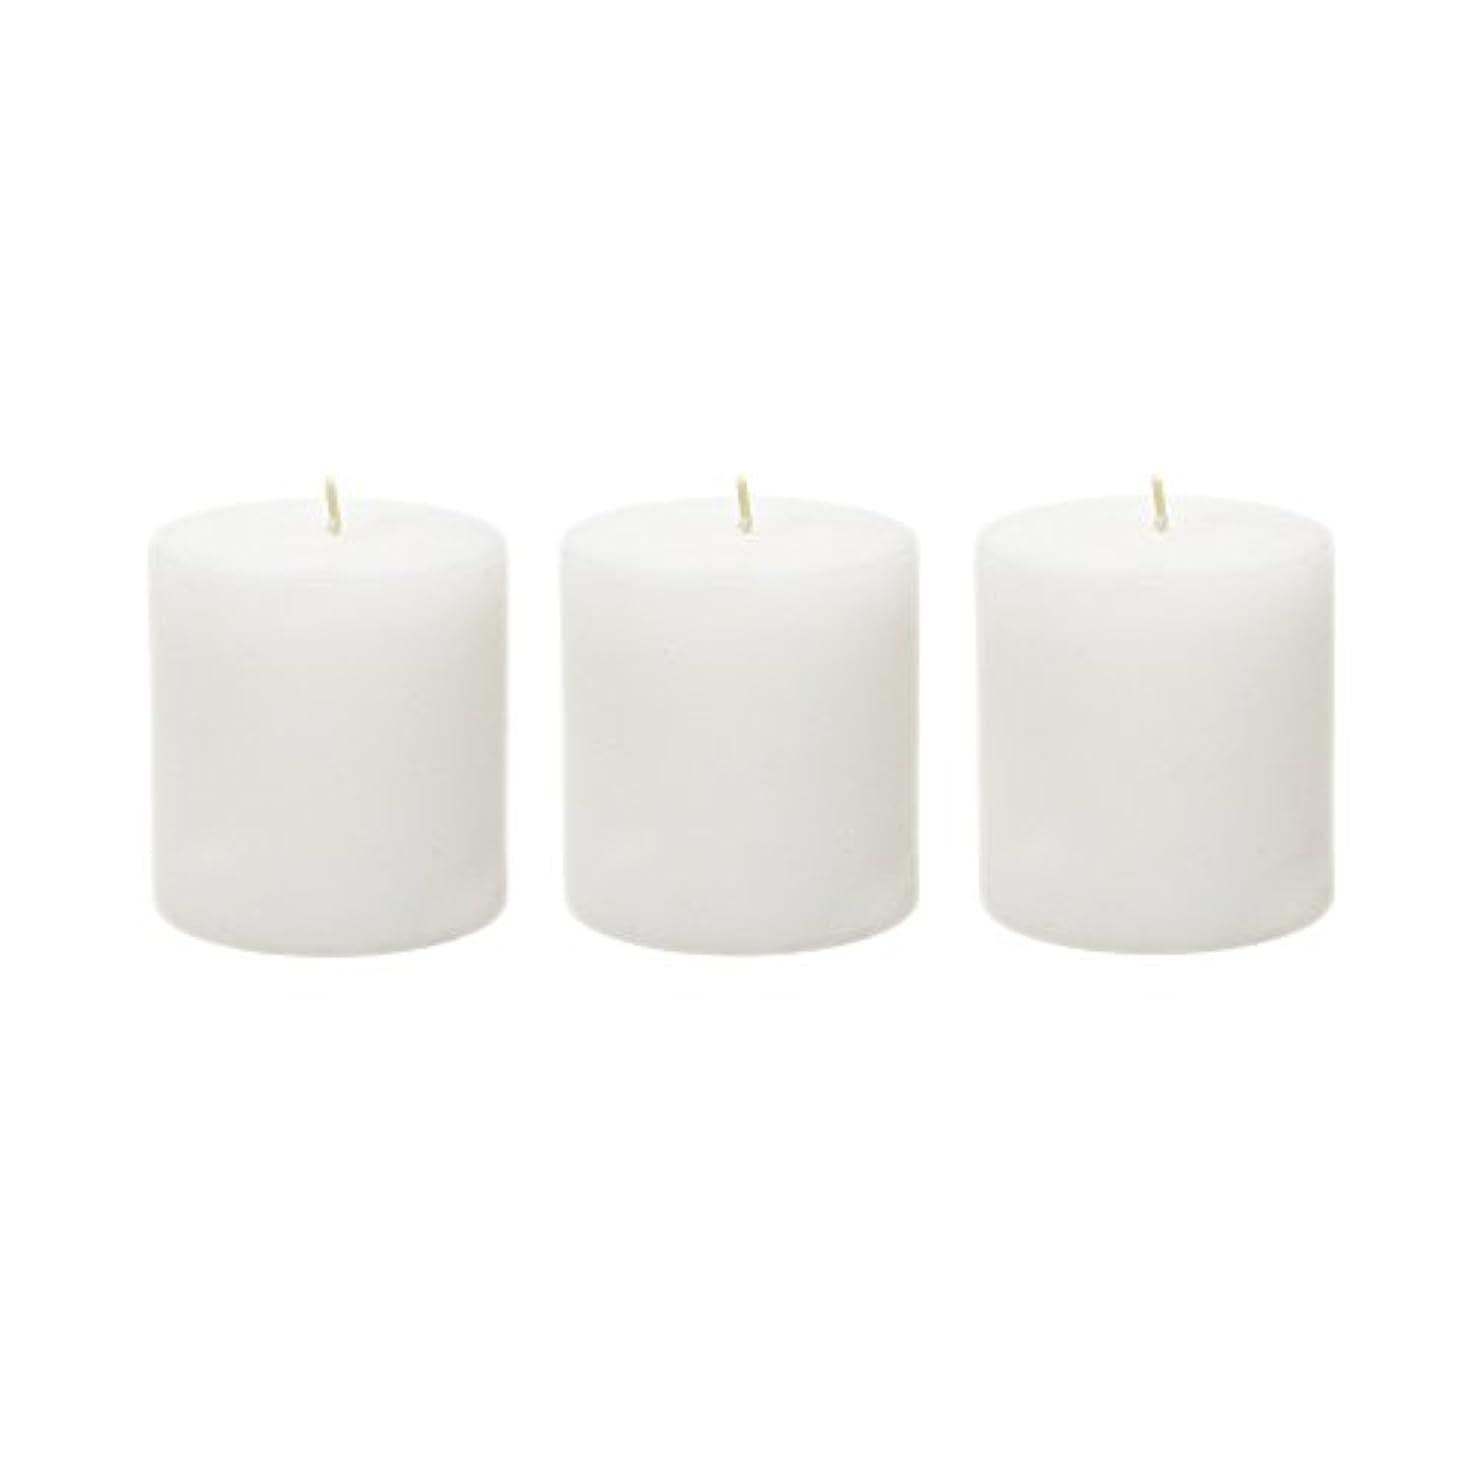 見つける神秘的なサンプル(6, 7.6cm x 7.6cm Round) - Mega Candles - Unscented 7.6cm x 7.6cm Hand Poured Round Premium Pillar Candle - White